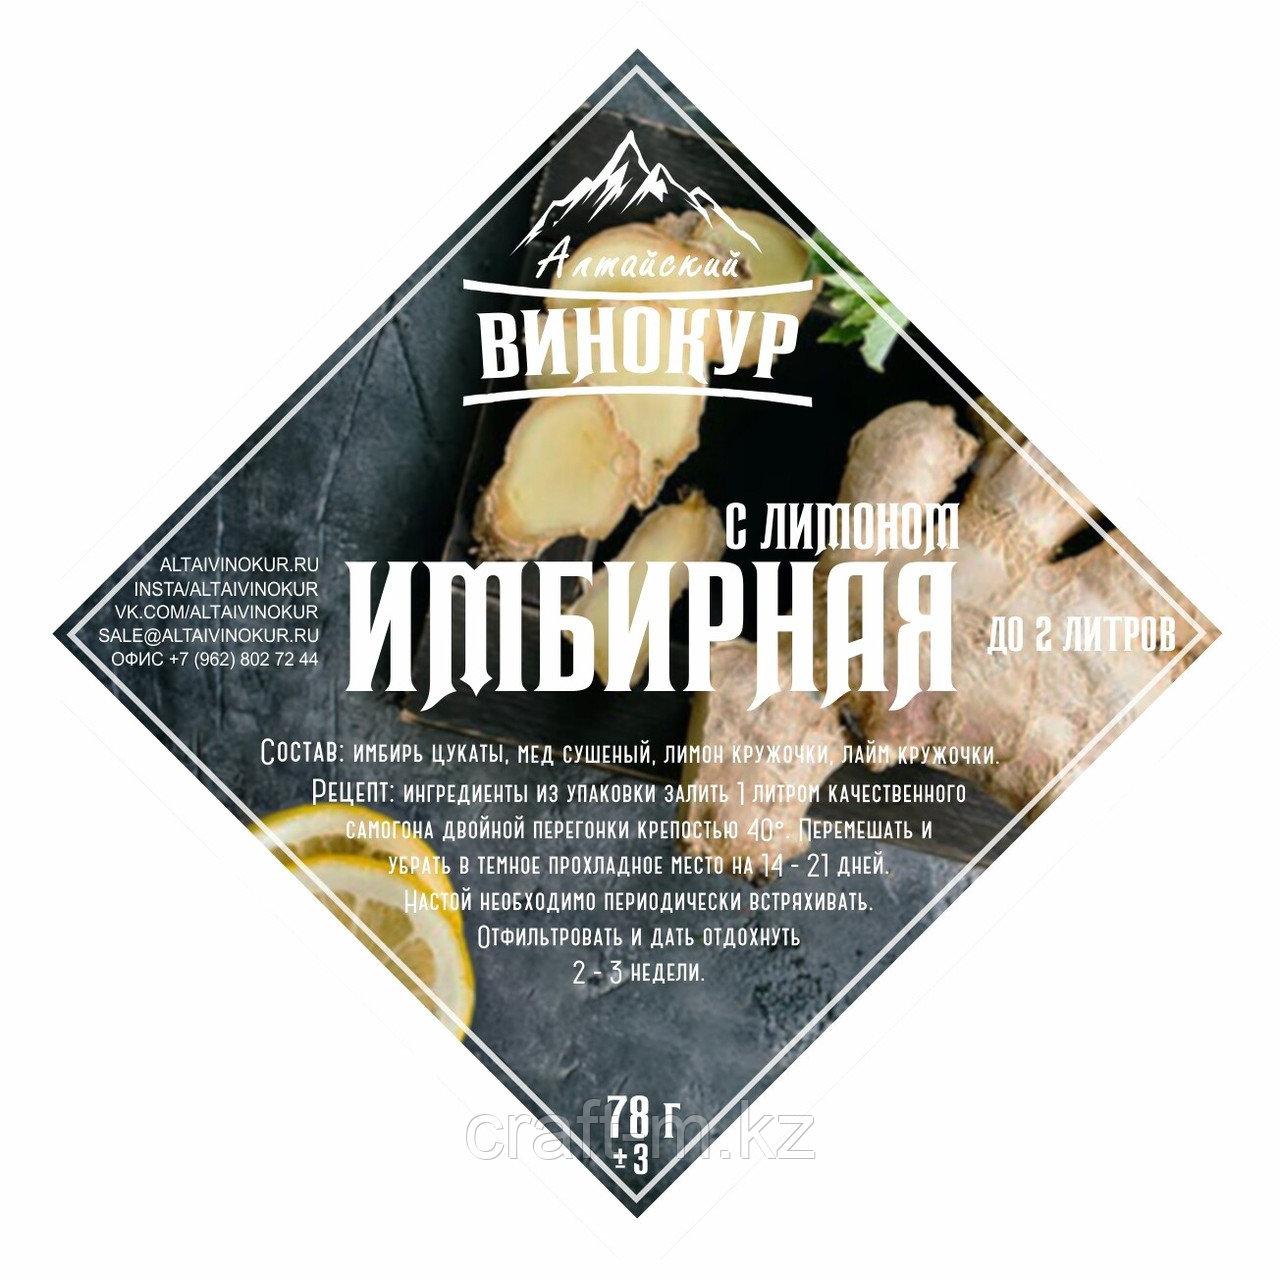 Имбирная с лимоном | Набор трав и пряностей